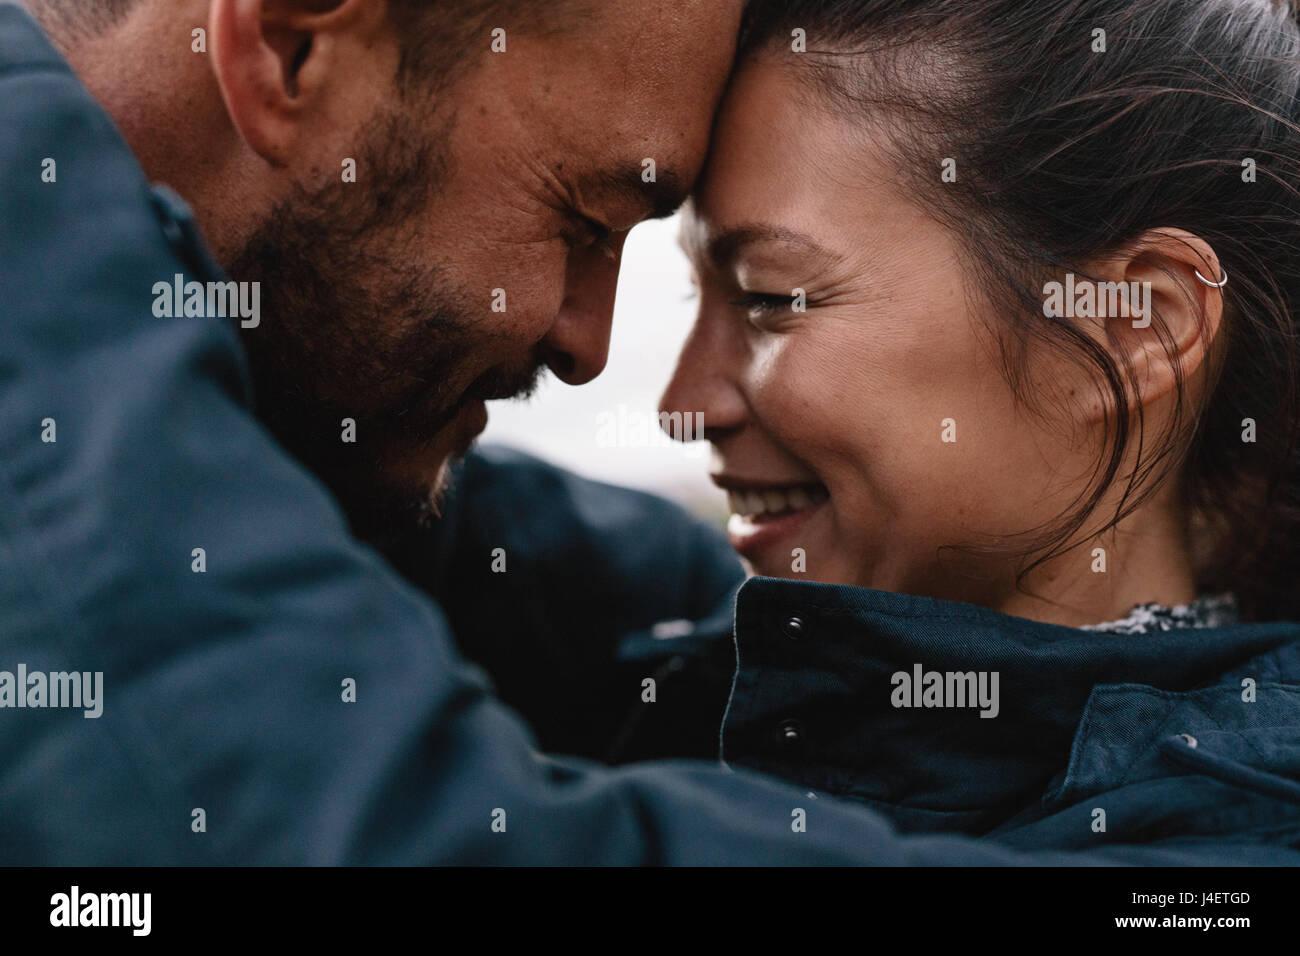 Close-up Seite Porträt des jungen Mischlinge paar in der Liebe. Romantisches Paar umarmen einander und lächelnd. Stockbild